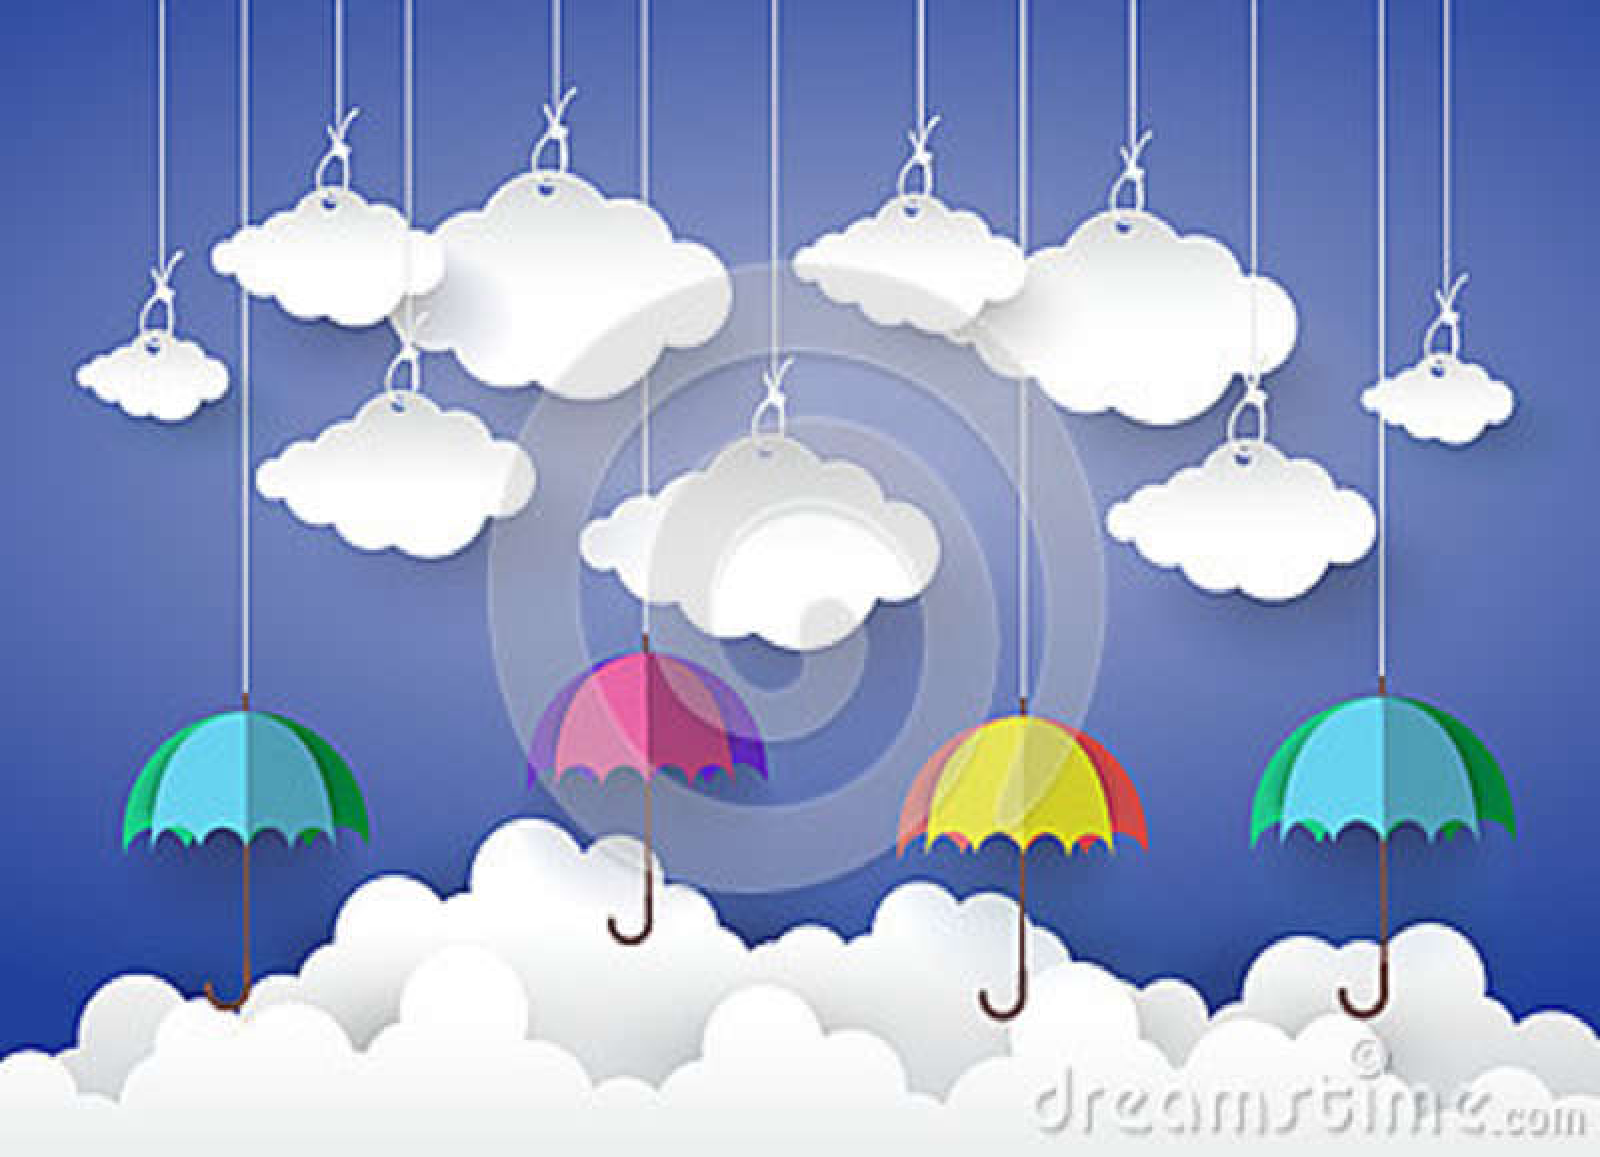 Открытка зонтики объемные с облаками, андроид